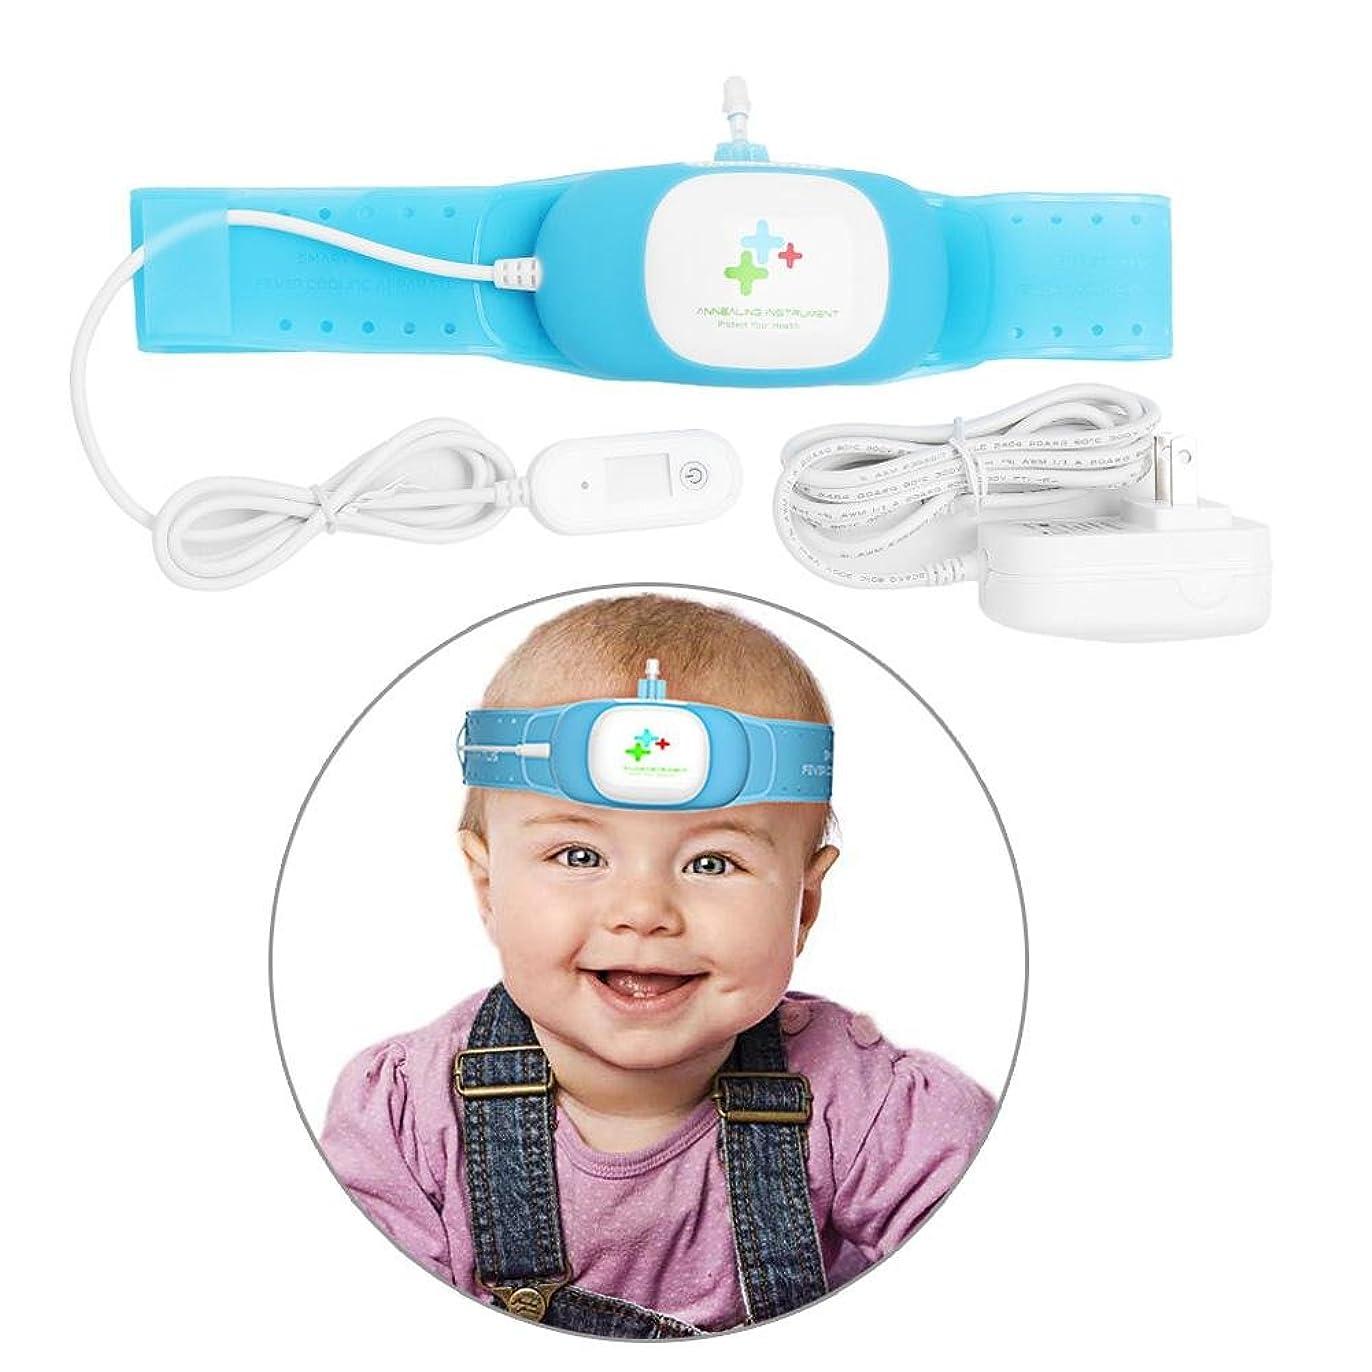 欺町コンサート物理的な熱の冷却装置、大人および子供のためのFDAの証明の頭脳の目のリフレッシュメント頭痛救済パッドが付いているスマートな涼しいパック